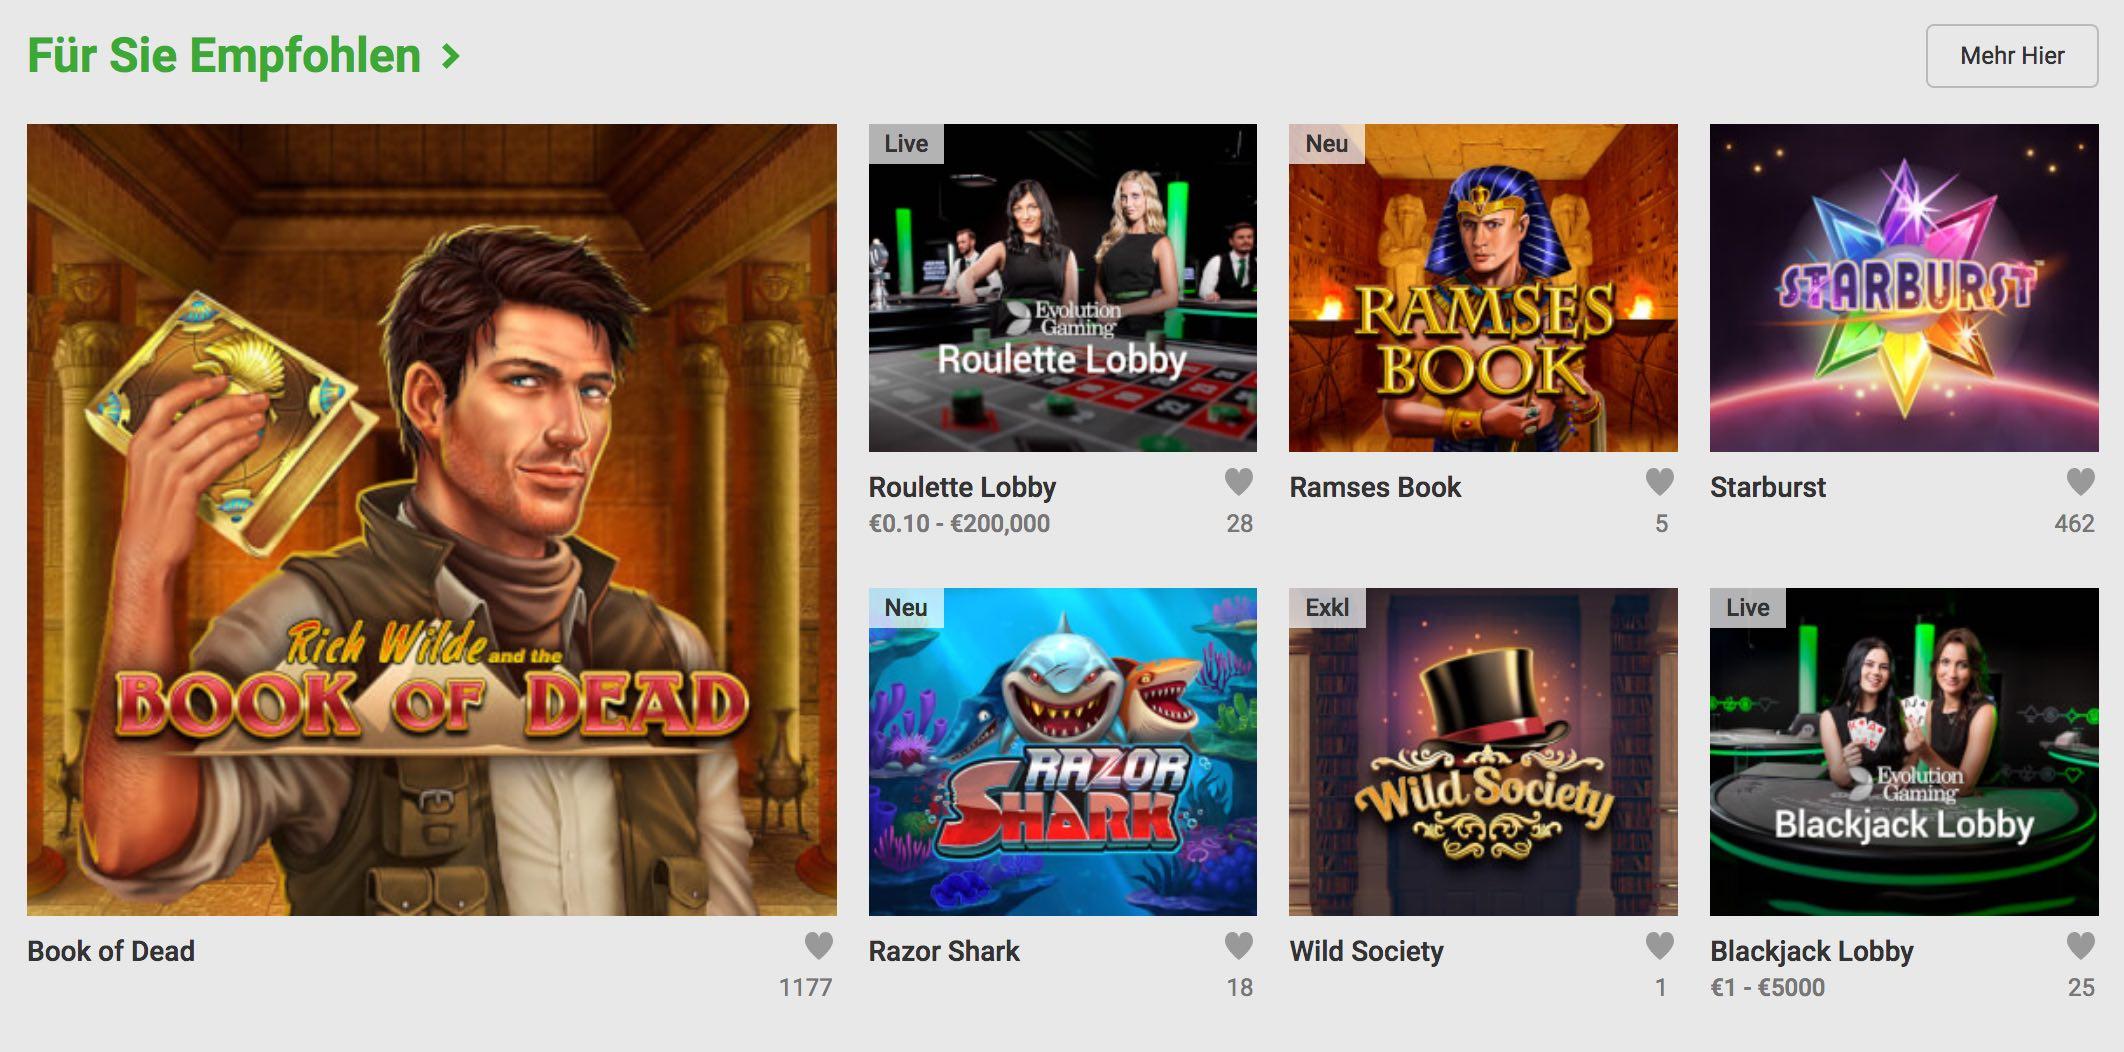 Empfohlene Tischspiele, Spielautomaten, Bingo, Poker und Live Spiele